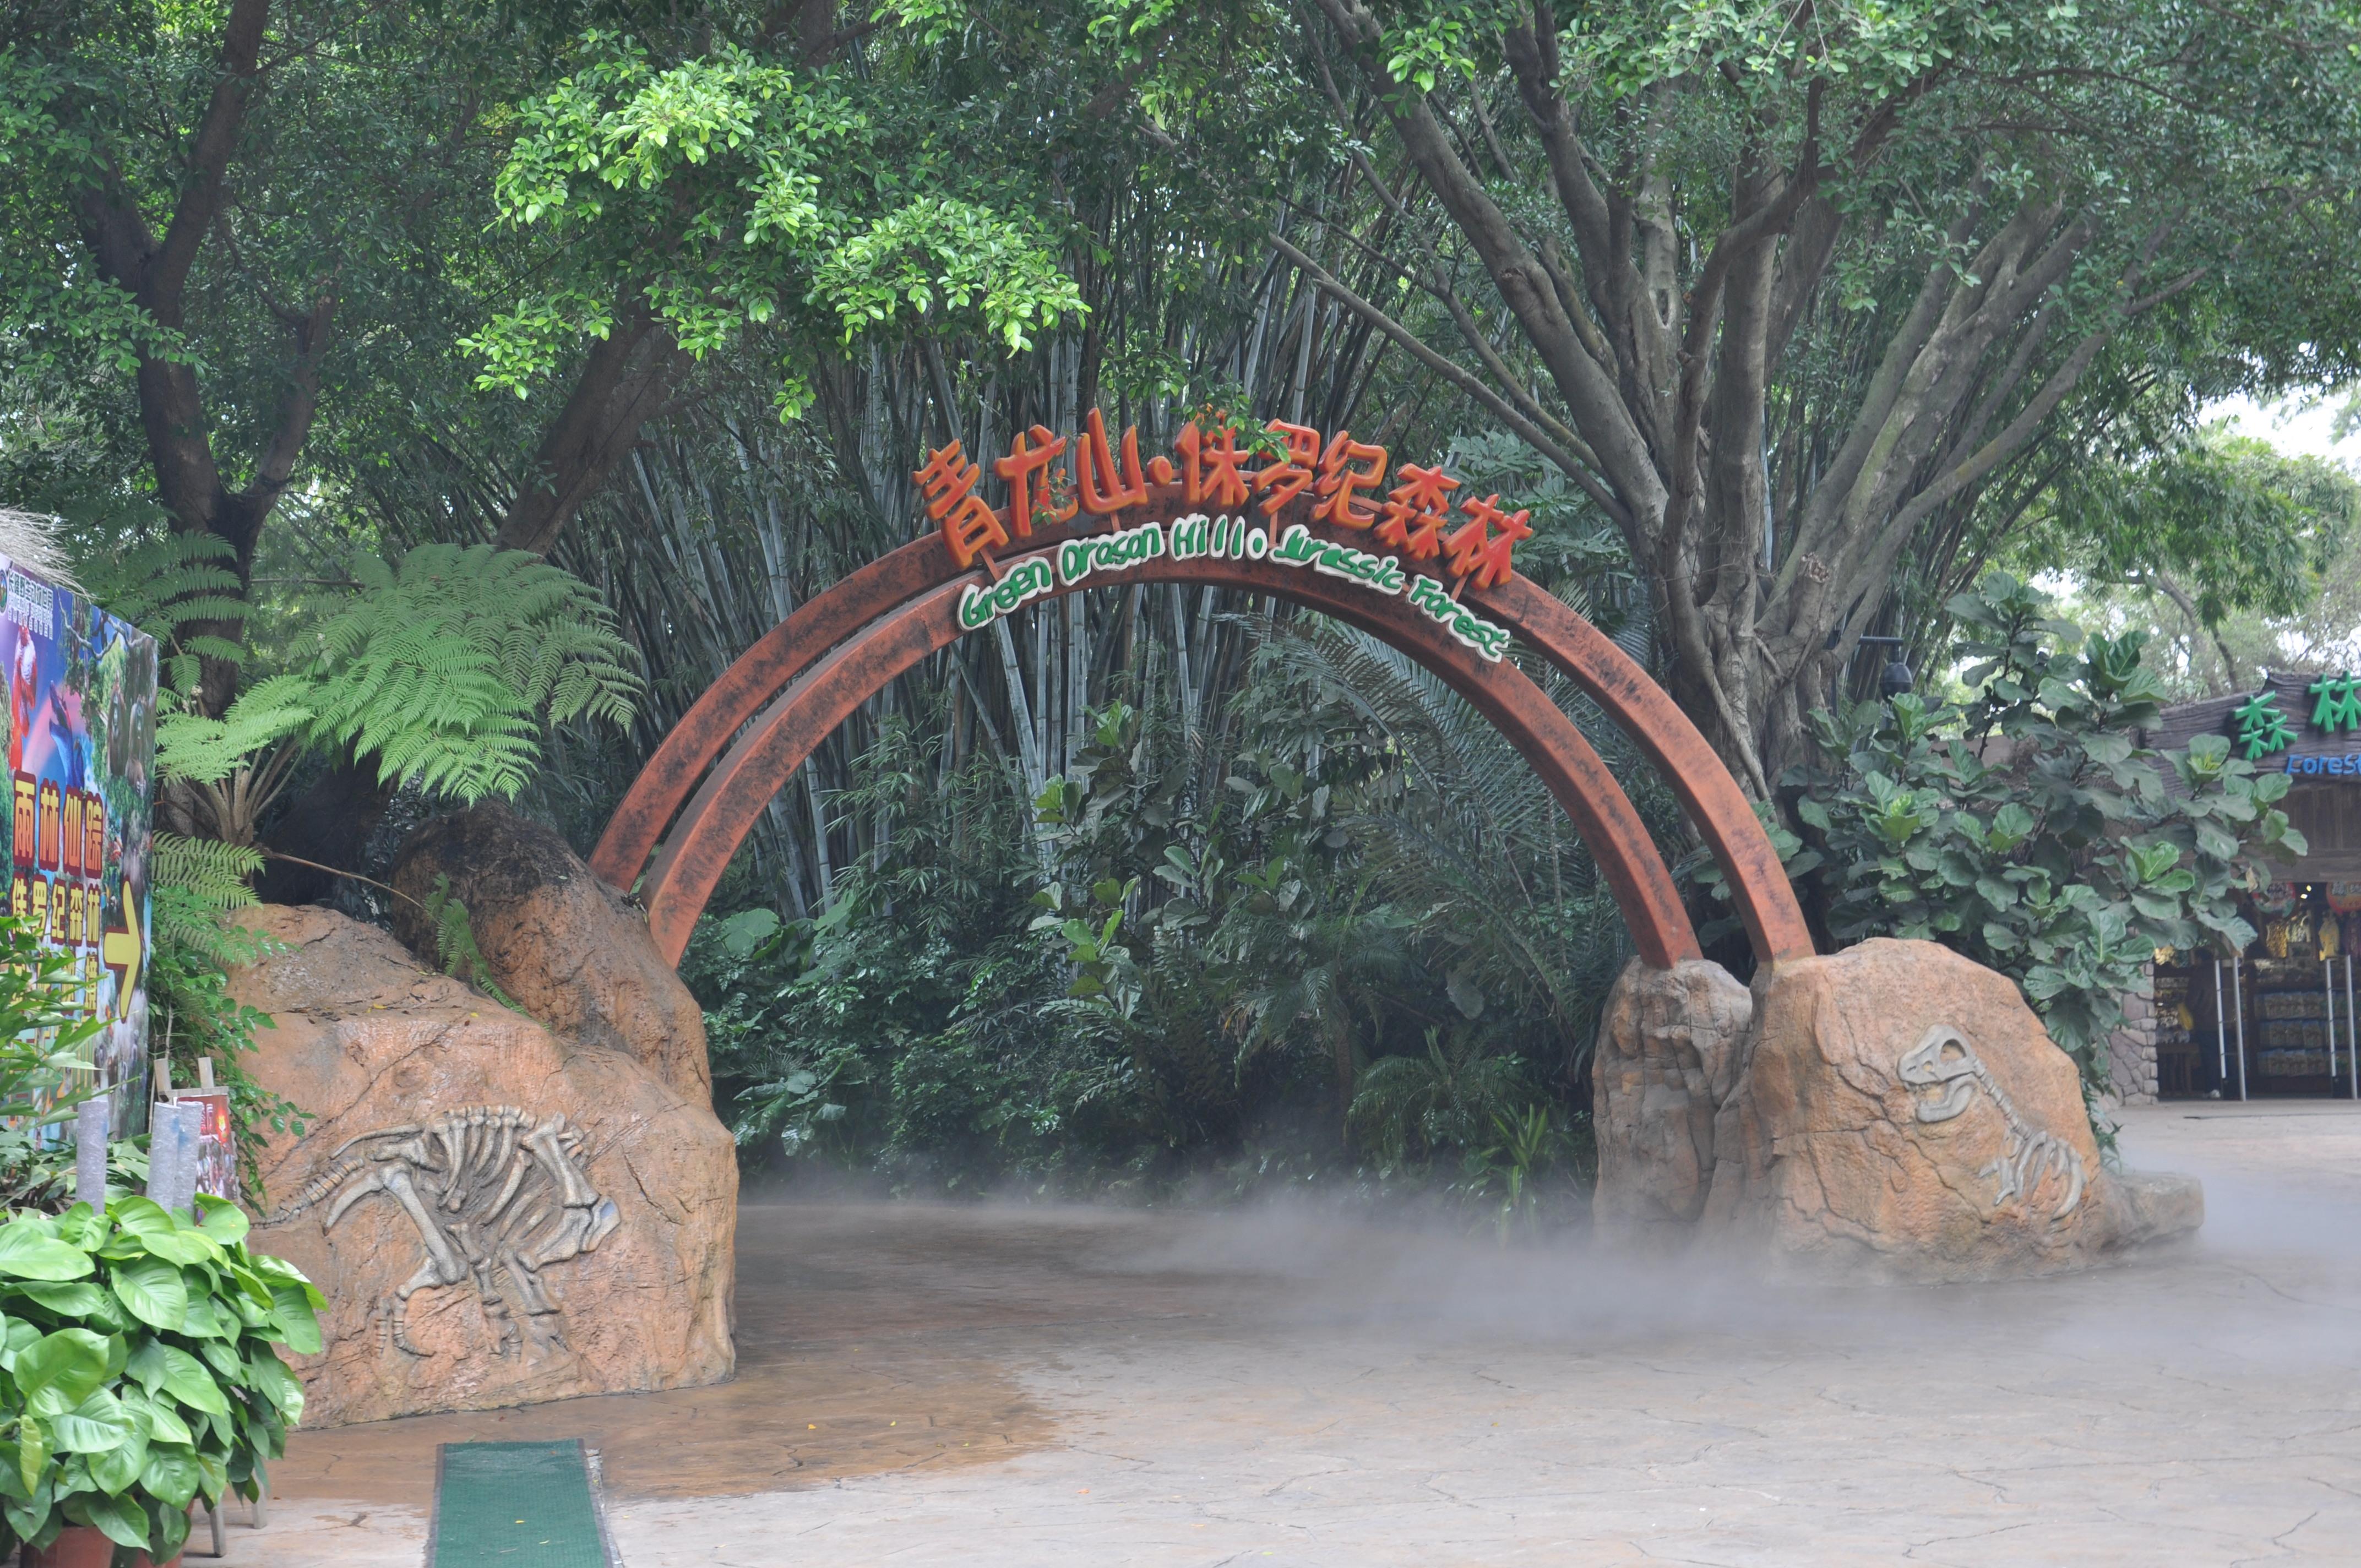 长隆野生动物园|广州游记-携程旅行